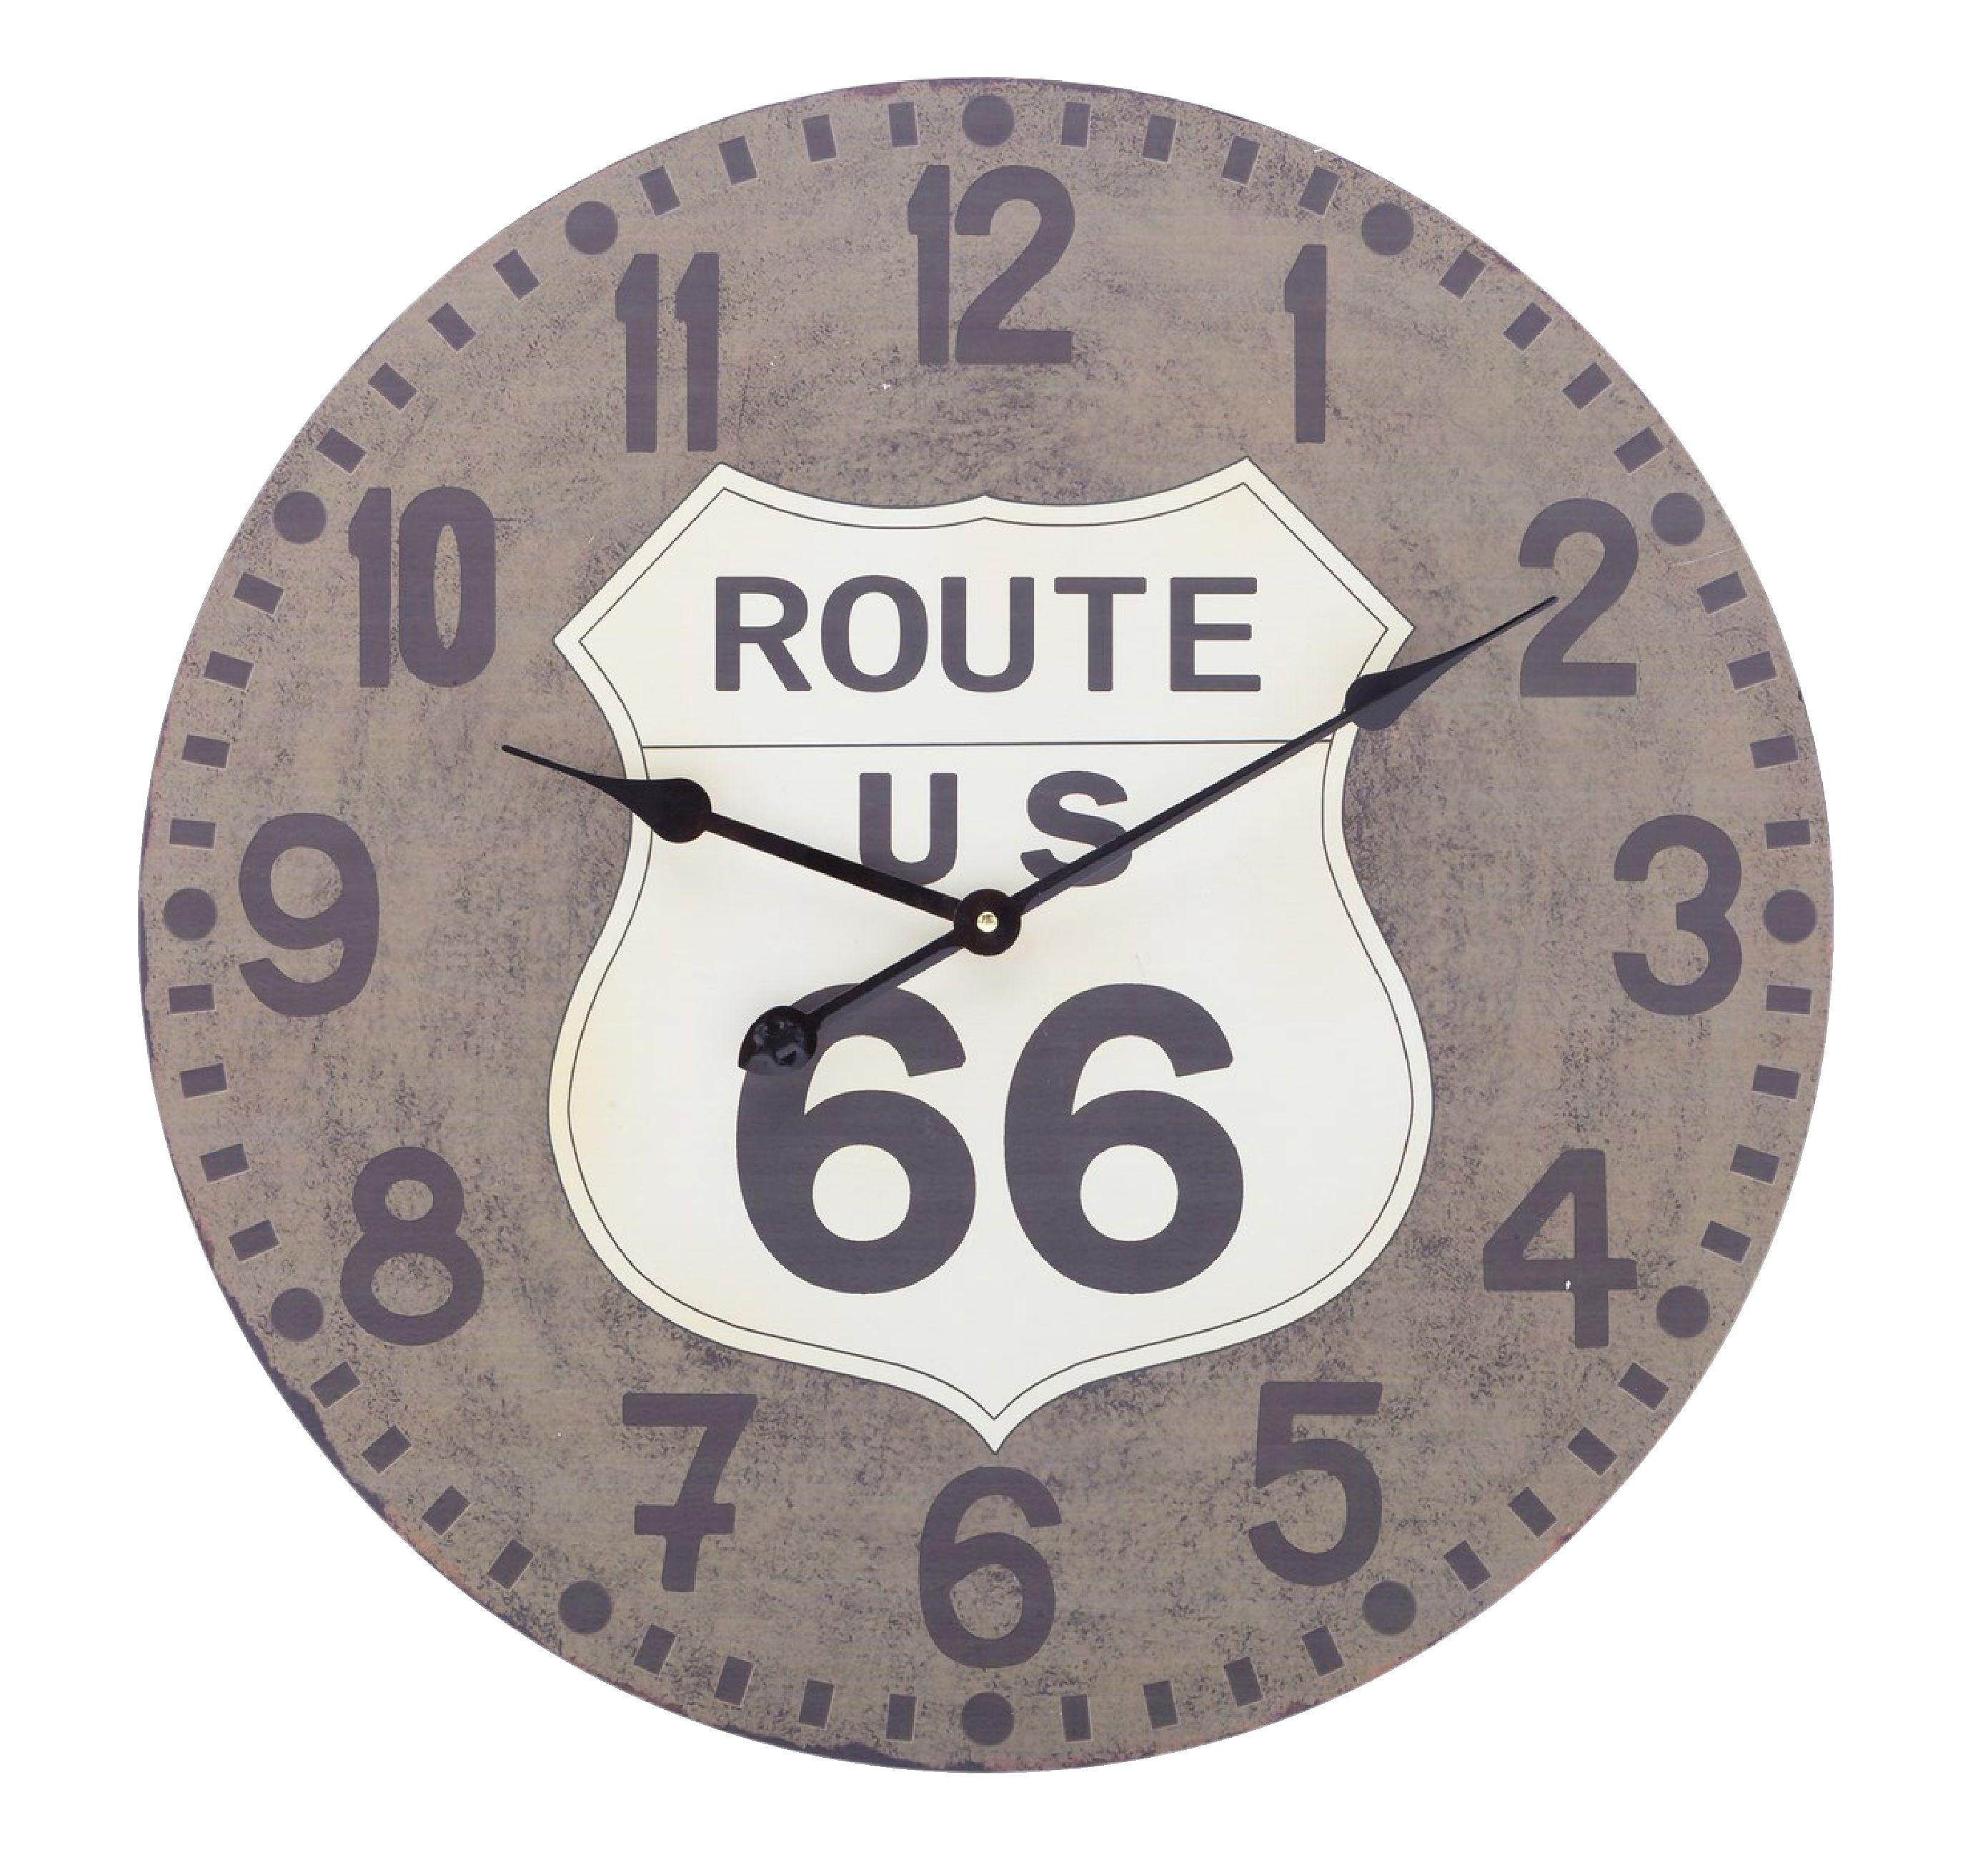 Route 66 analogové nástěnné hodiny 60 cm Balance 306666